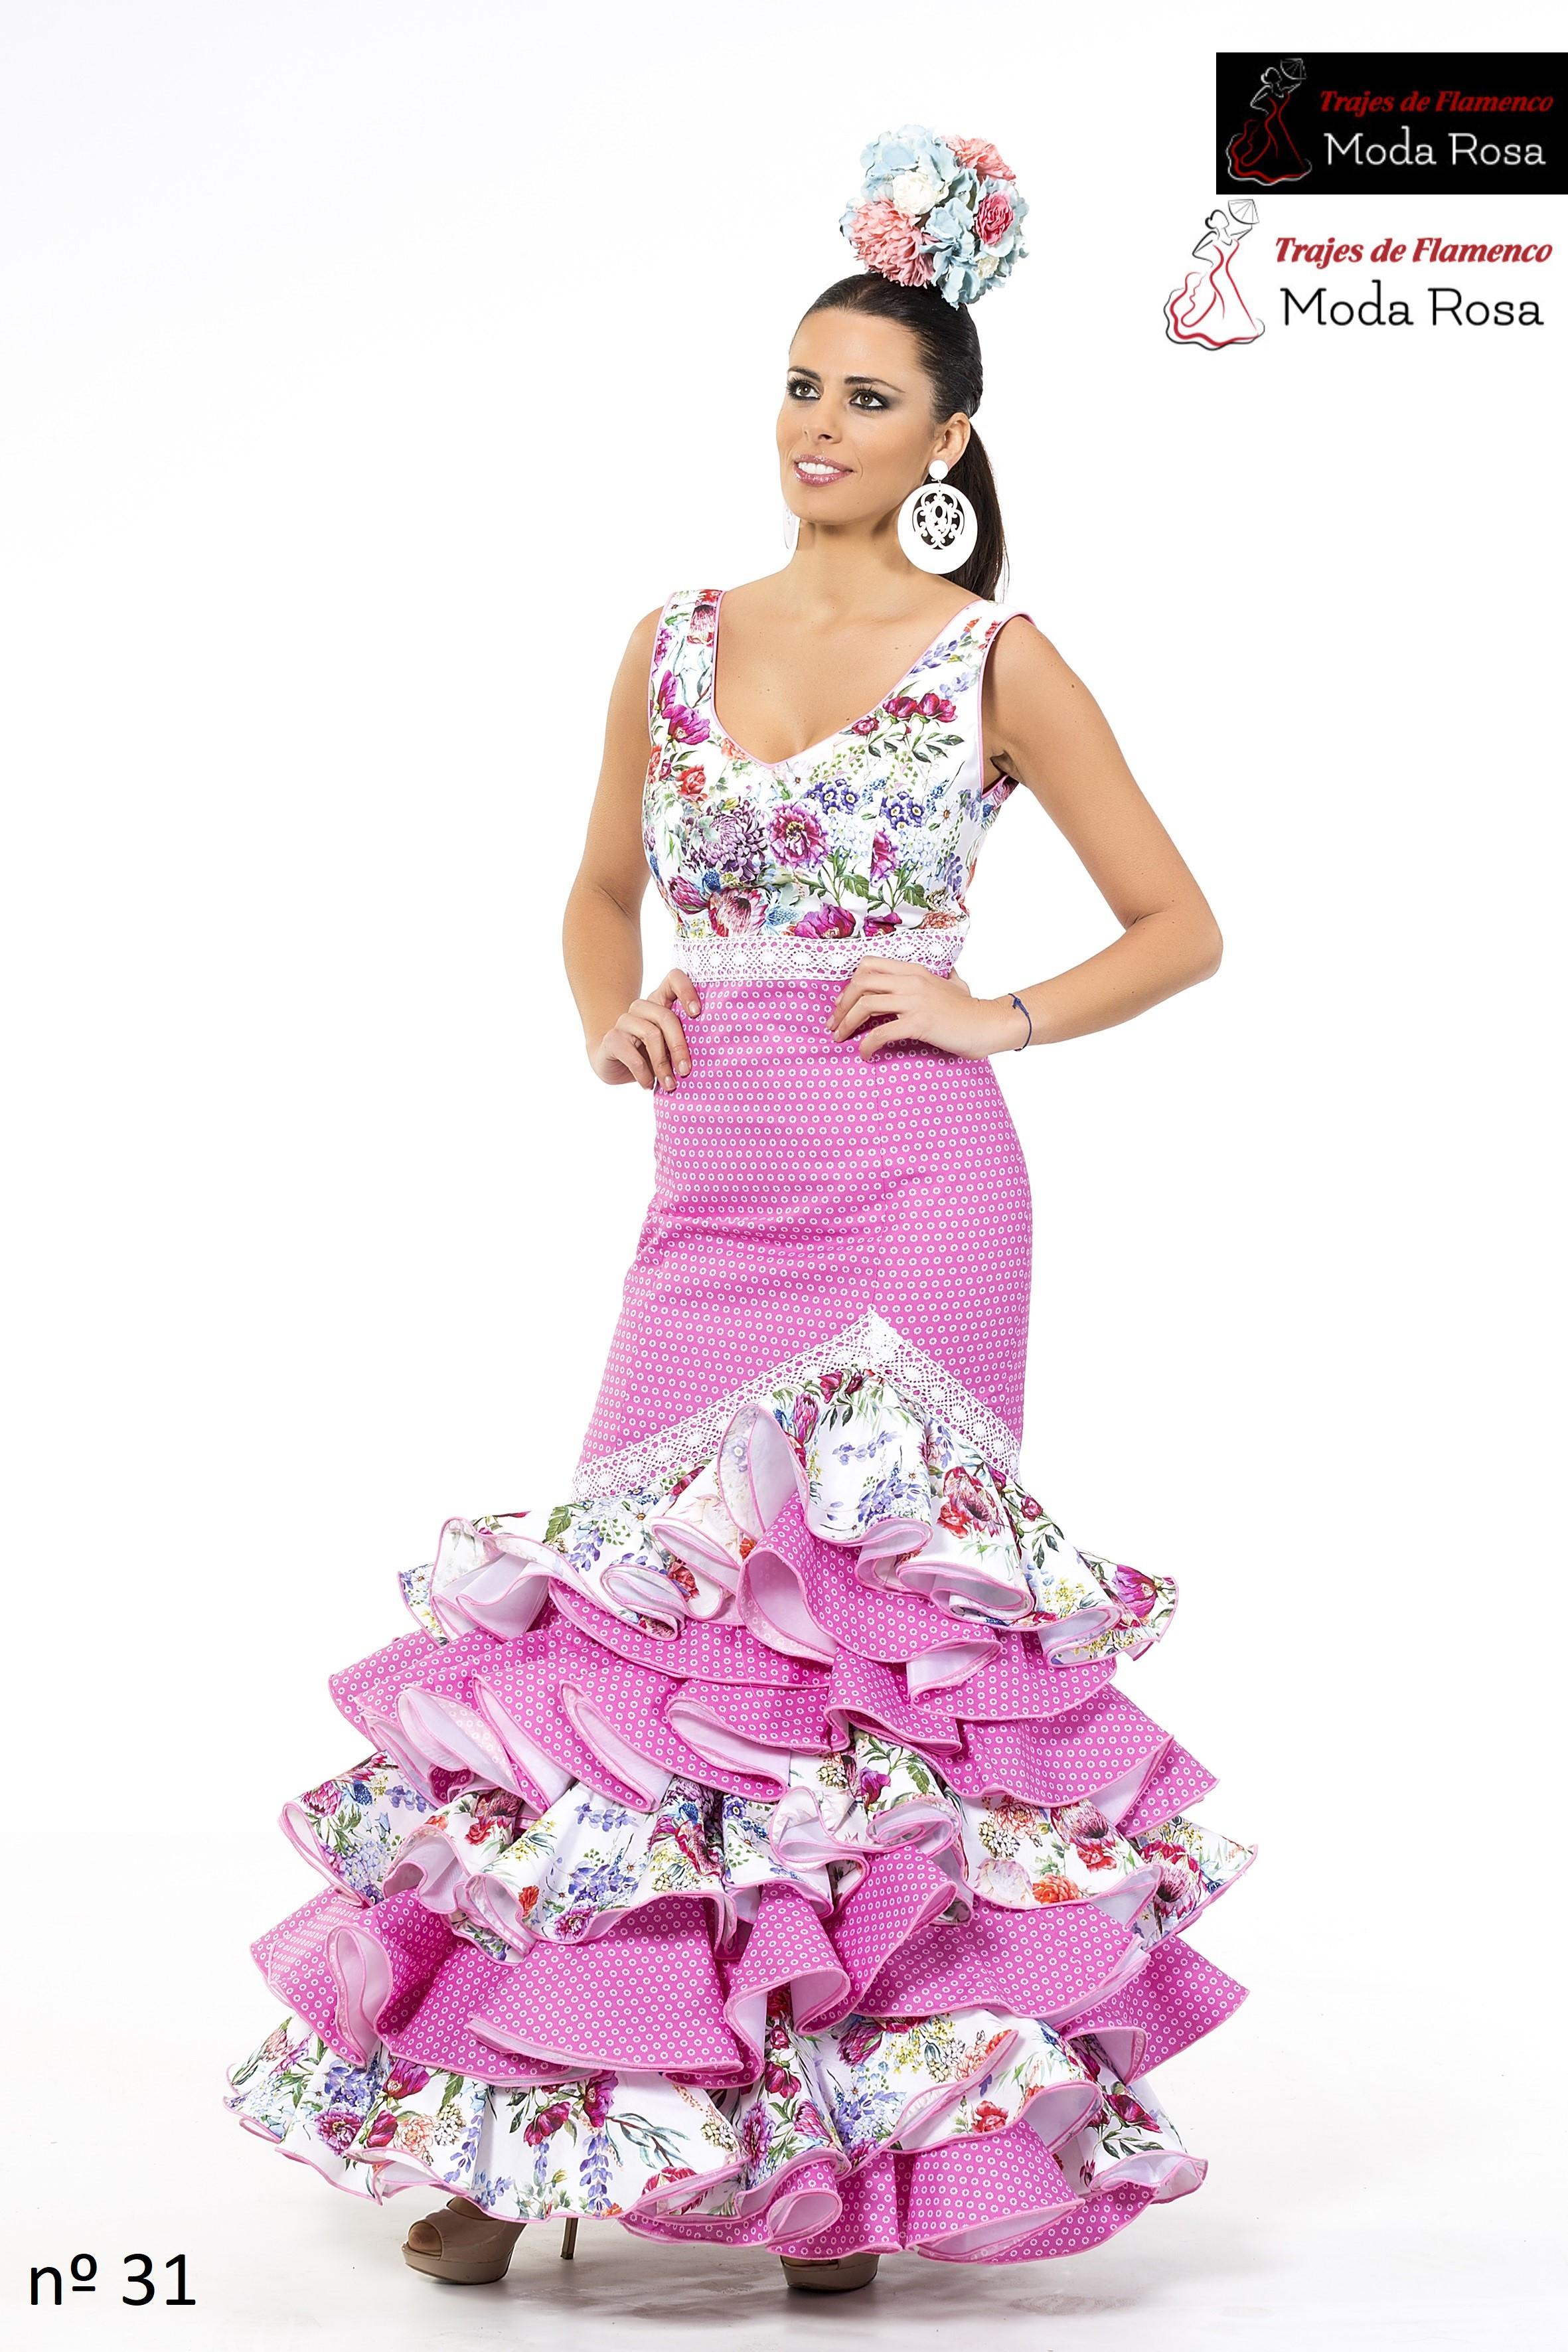 Traje De Flamenca - Trajes de flamencos Moda Rosa